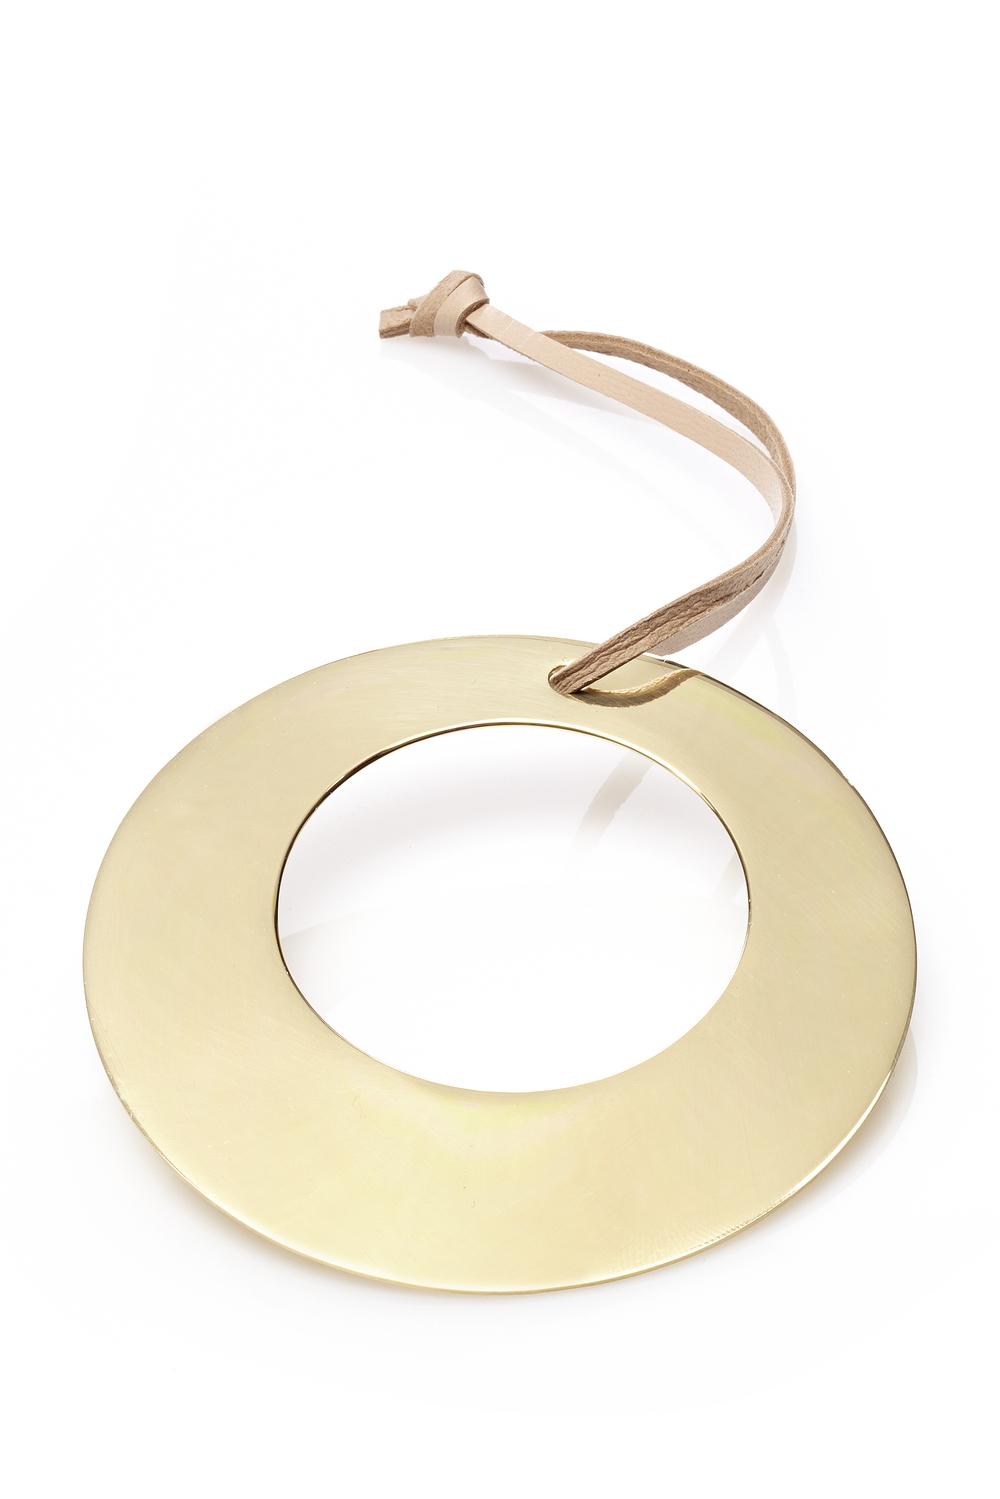 ring1_guld.jpg